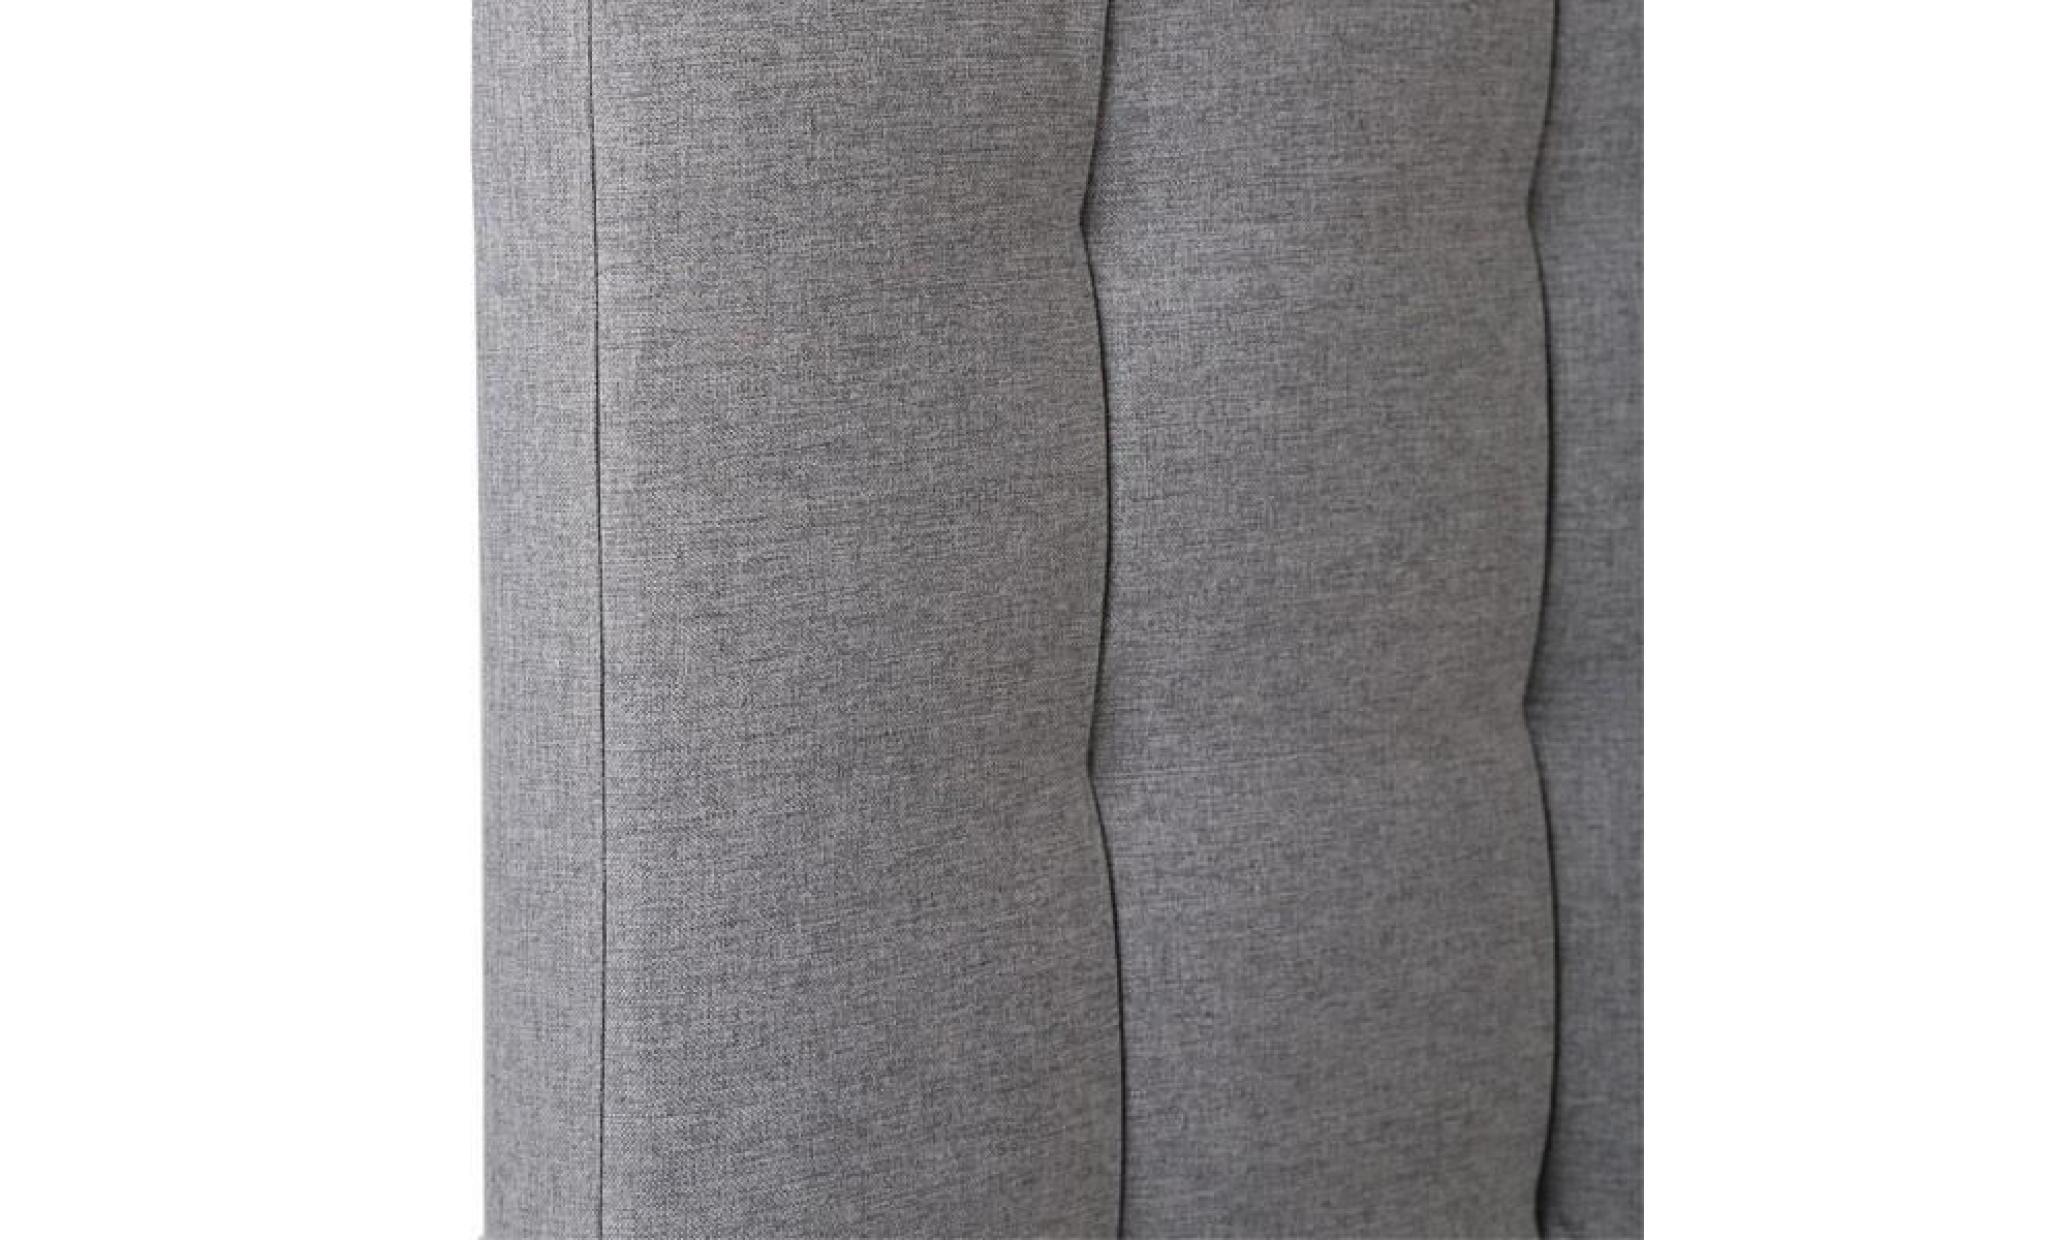 Tete De Lit Tissu Gris 160 Cm Marion Taille L 160 X L 10 X H